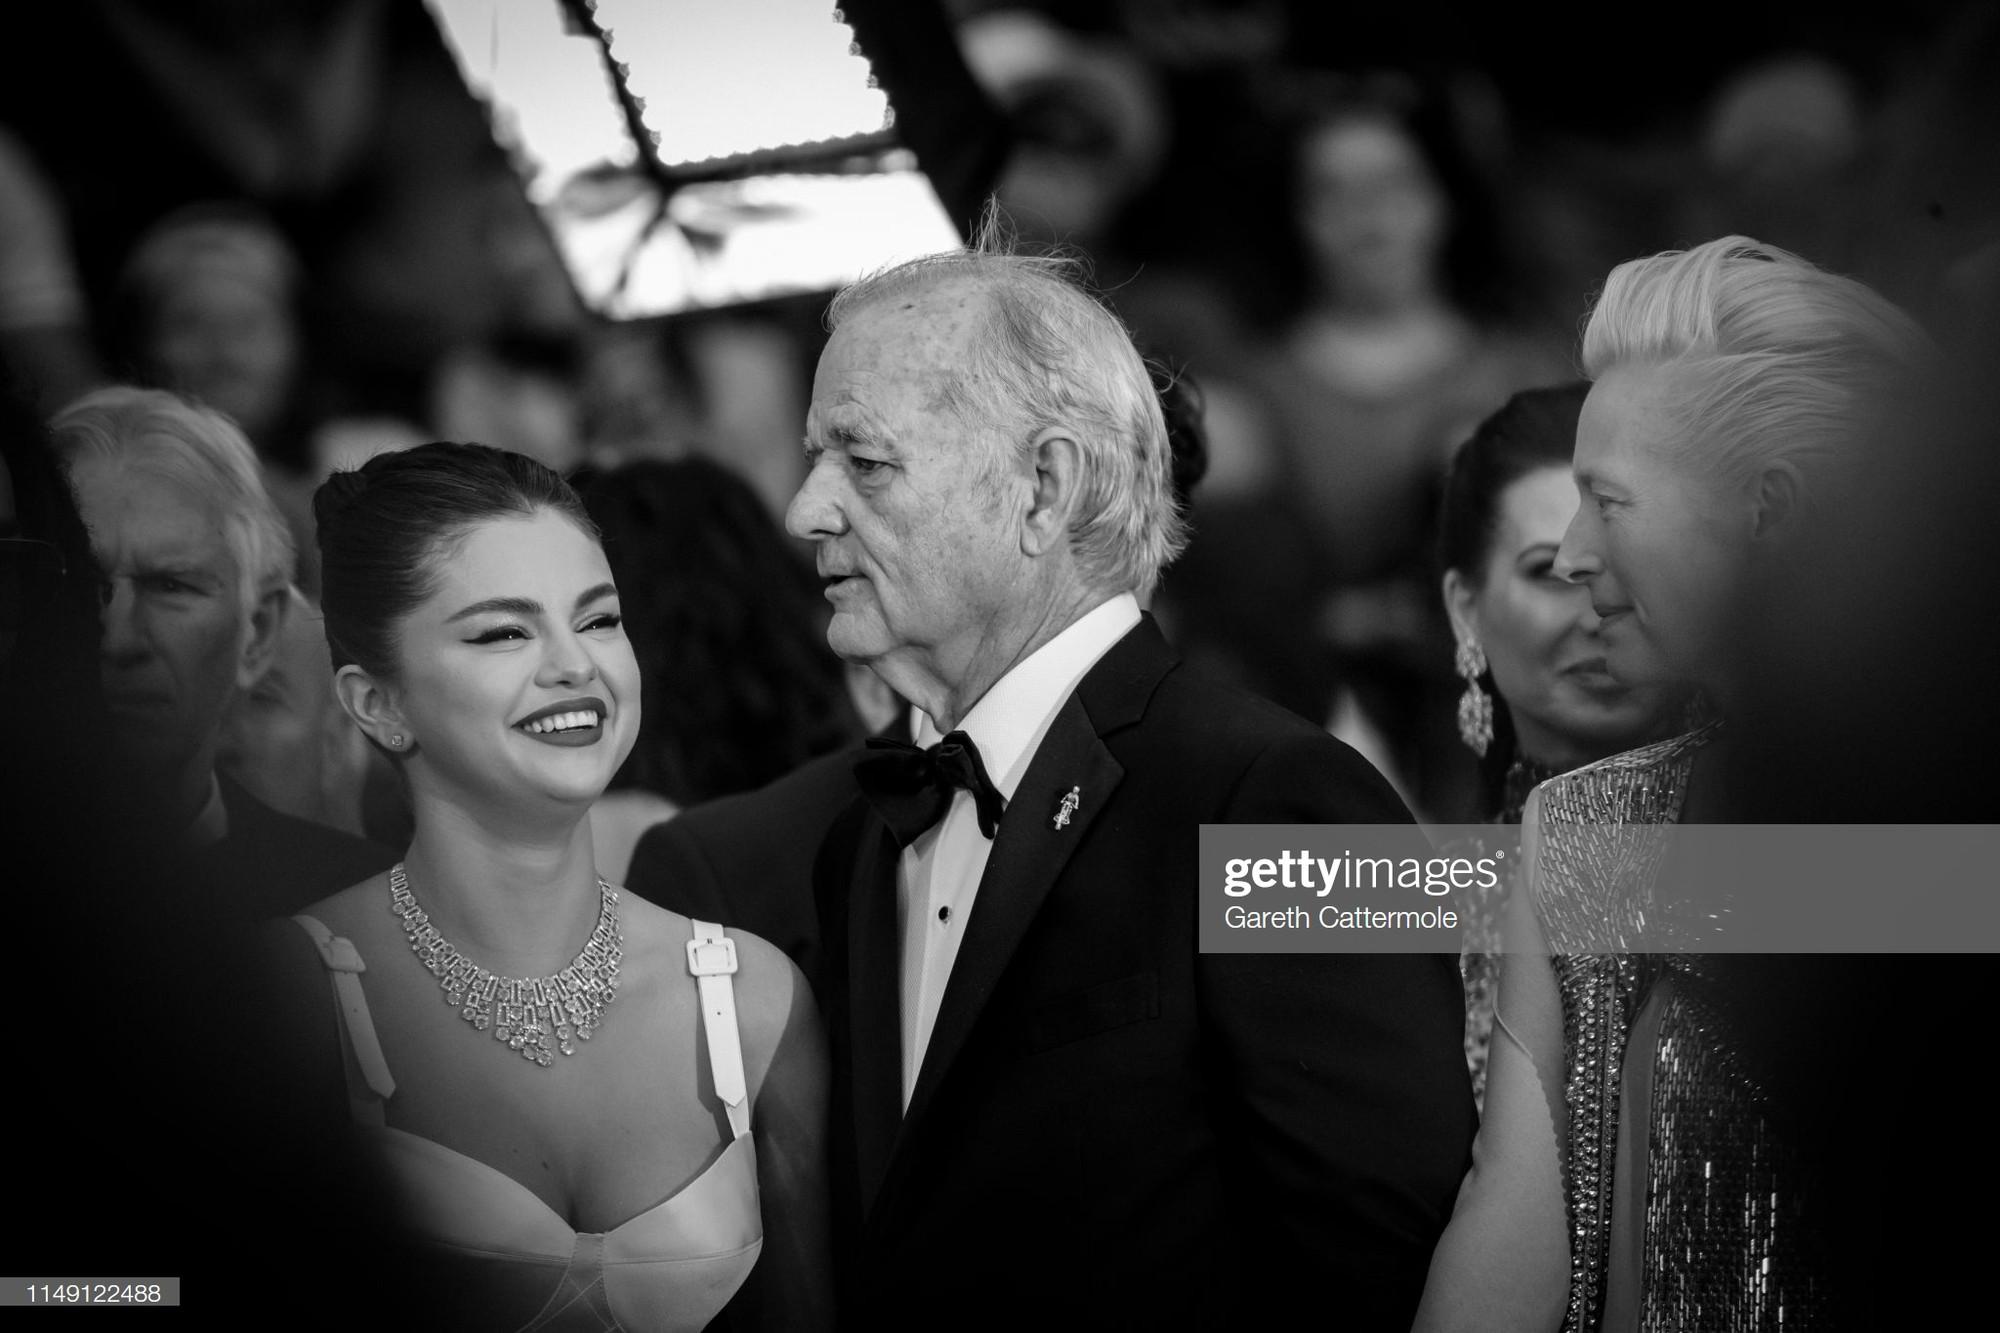 Top khoảnh khắc đắt giá nhất Cannes 2019: Dàn mỹ nhân 9X bất ngờ chiếm đa số, Selena và cặp đôi Brooklyn ấn tượng mạnh - Ảnh 1.